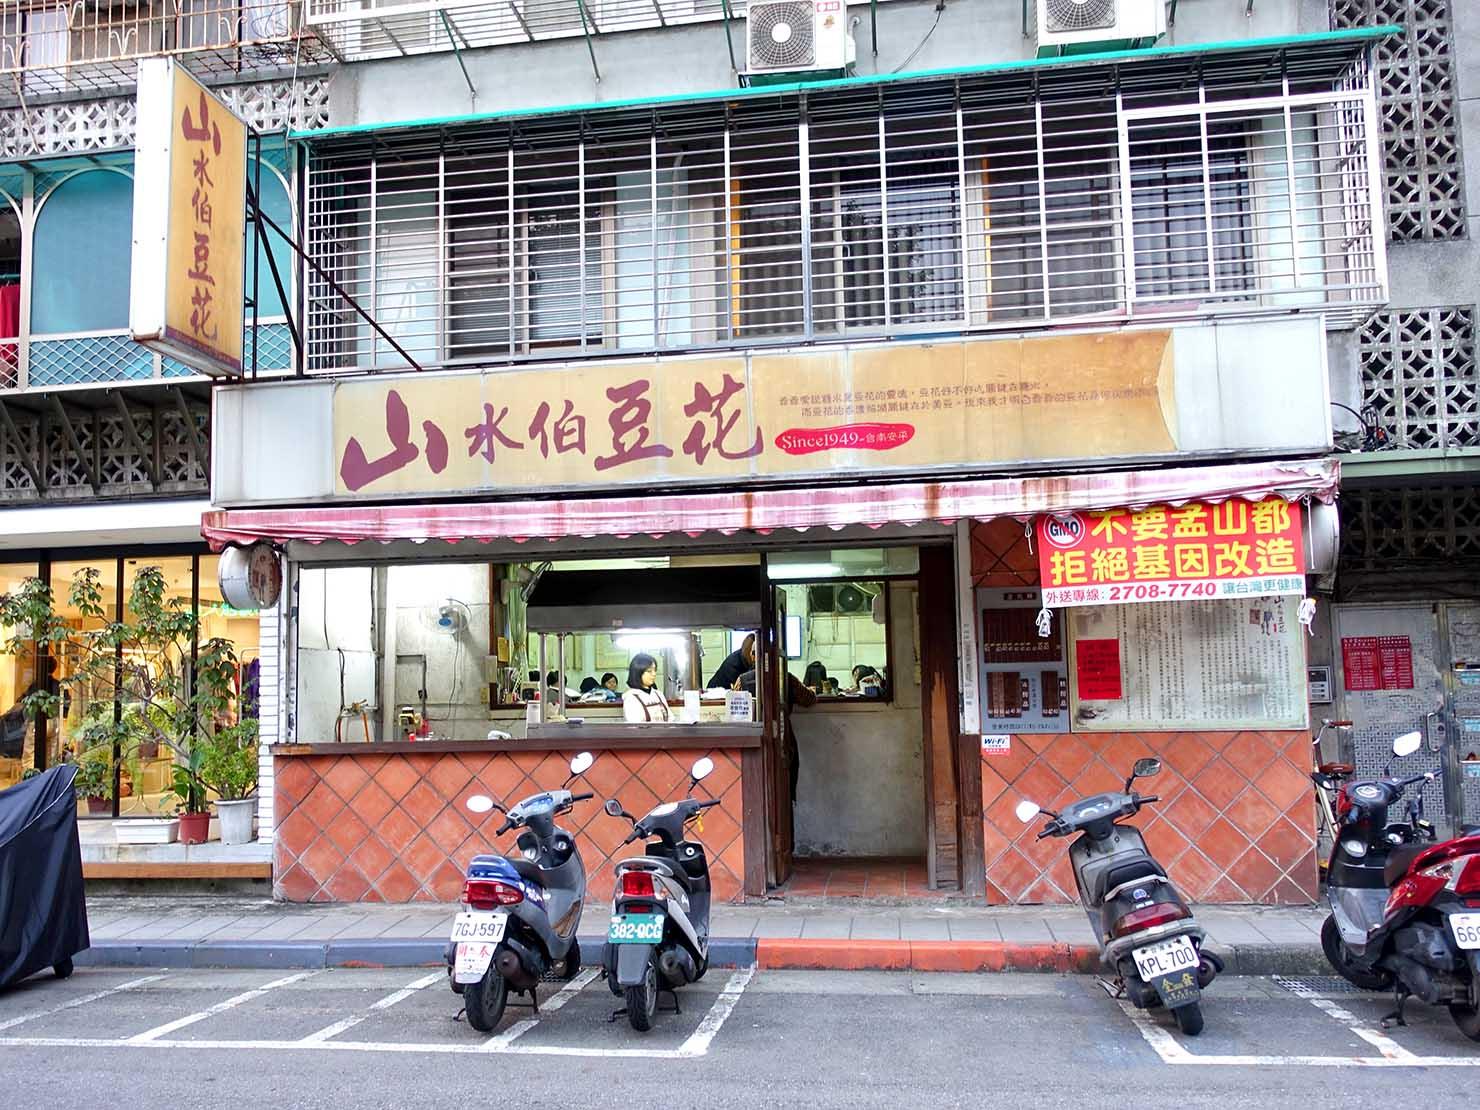 台北・大安駅周辺のおすすめグルメ店「山水伯豆花」の外観